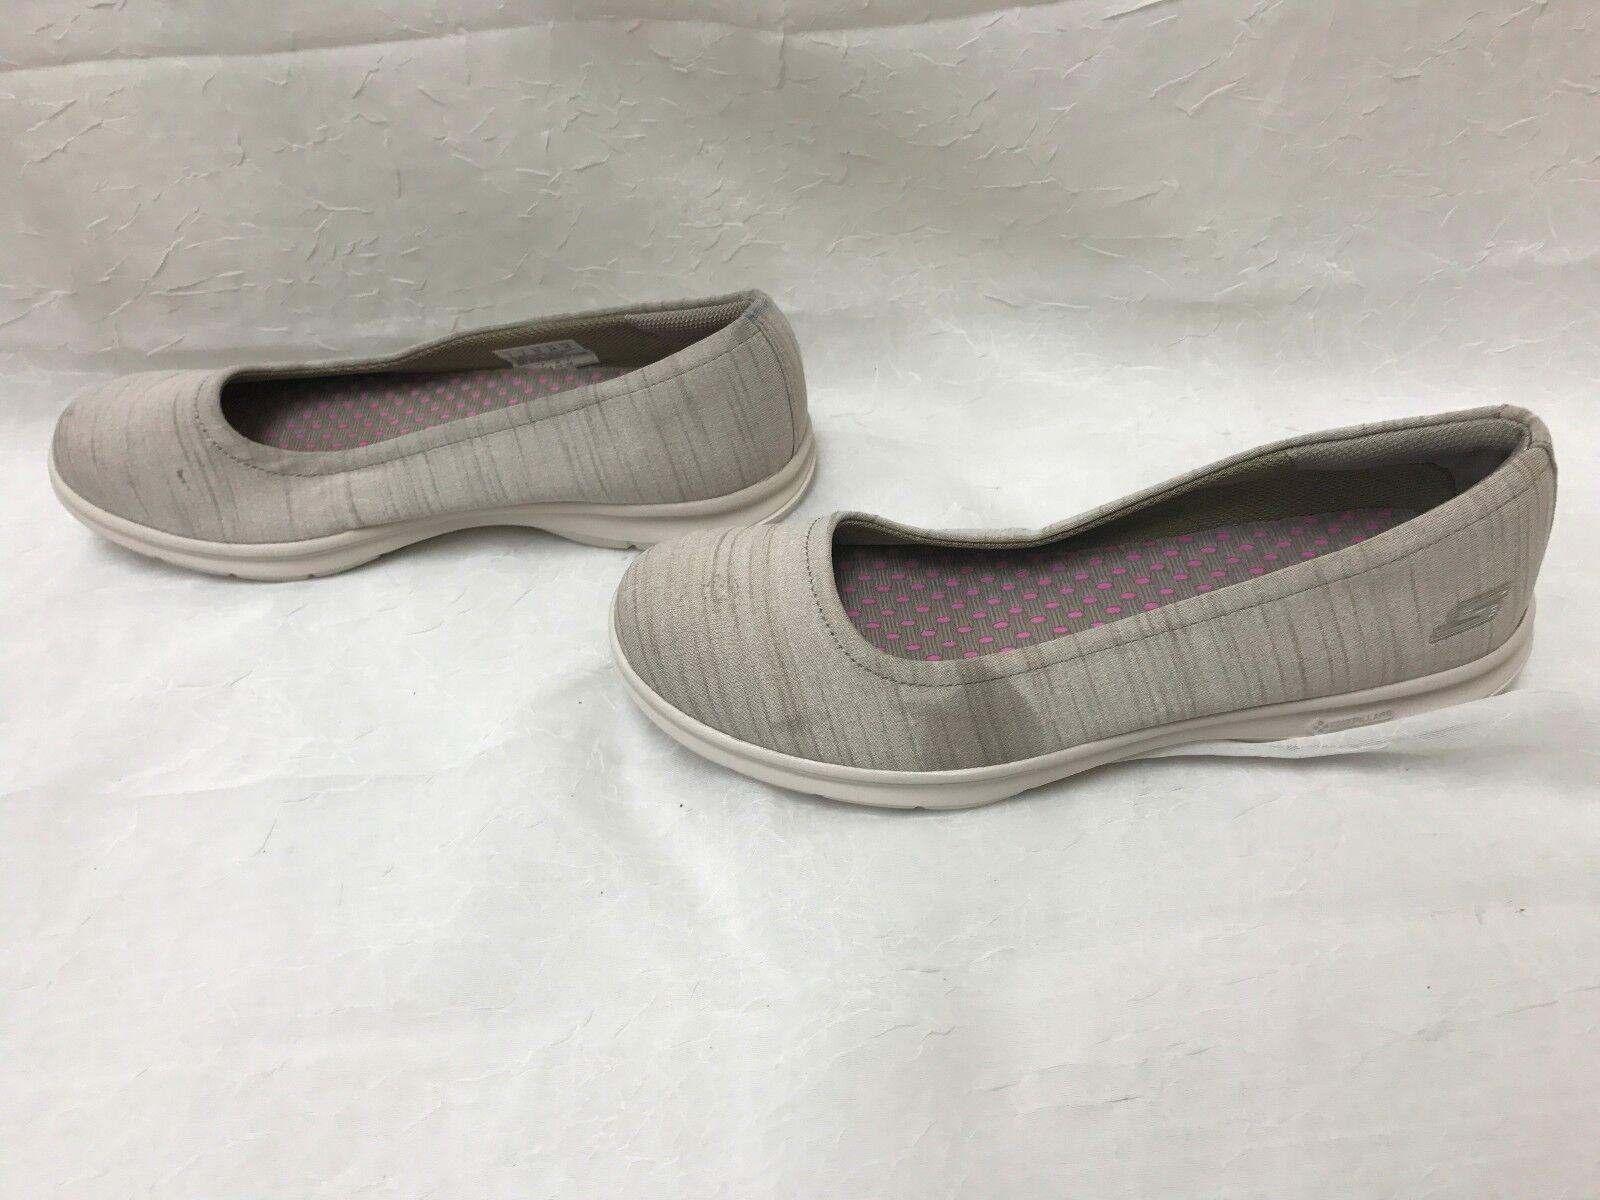 NuevoSkechers mujeres es ir paso Trace Ballet Flat taupe limitado comodo especial de tiempo limitado taupe e495e0